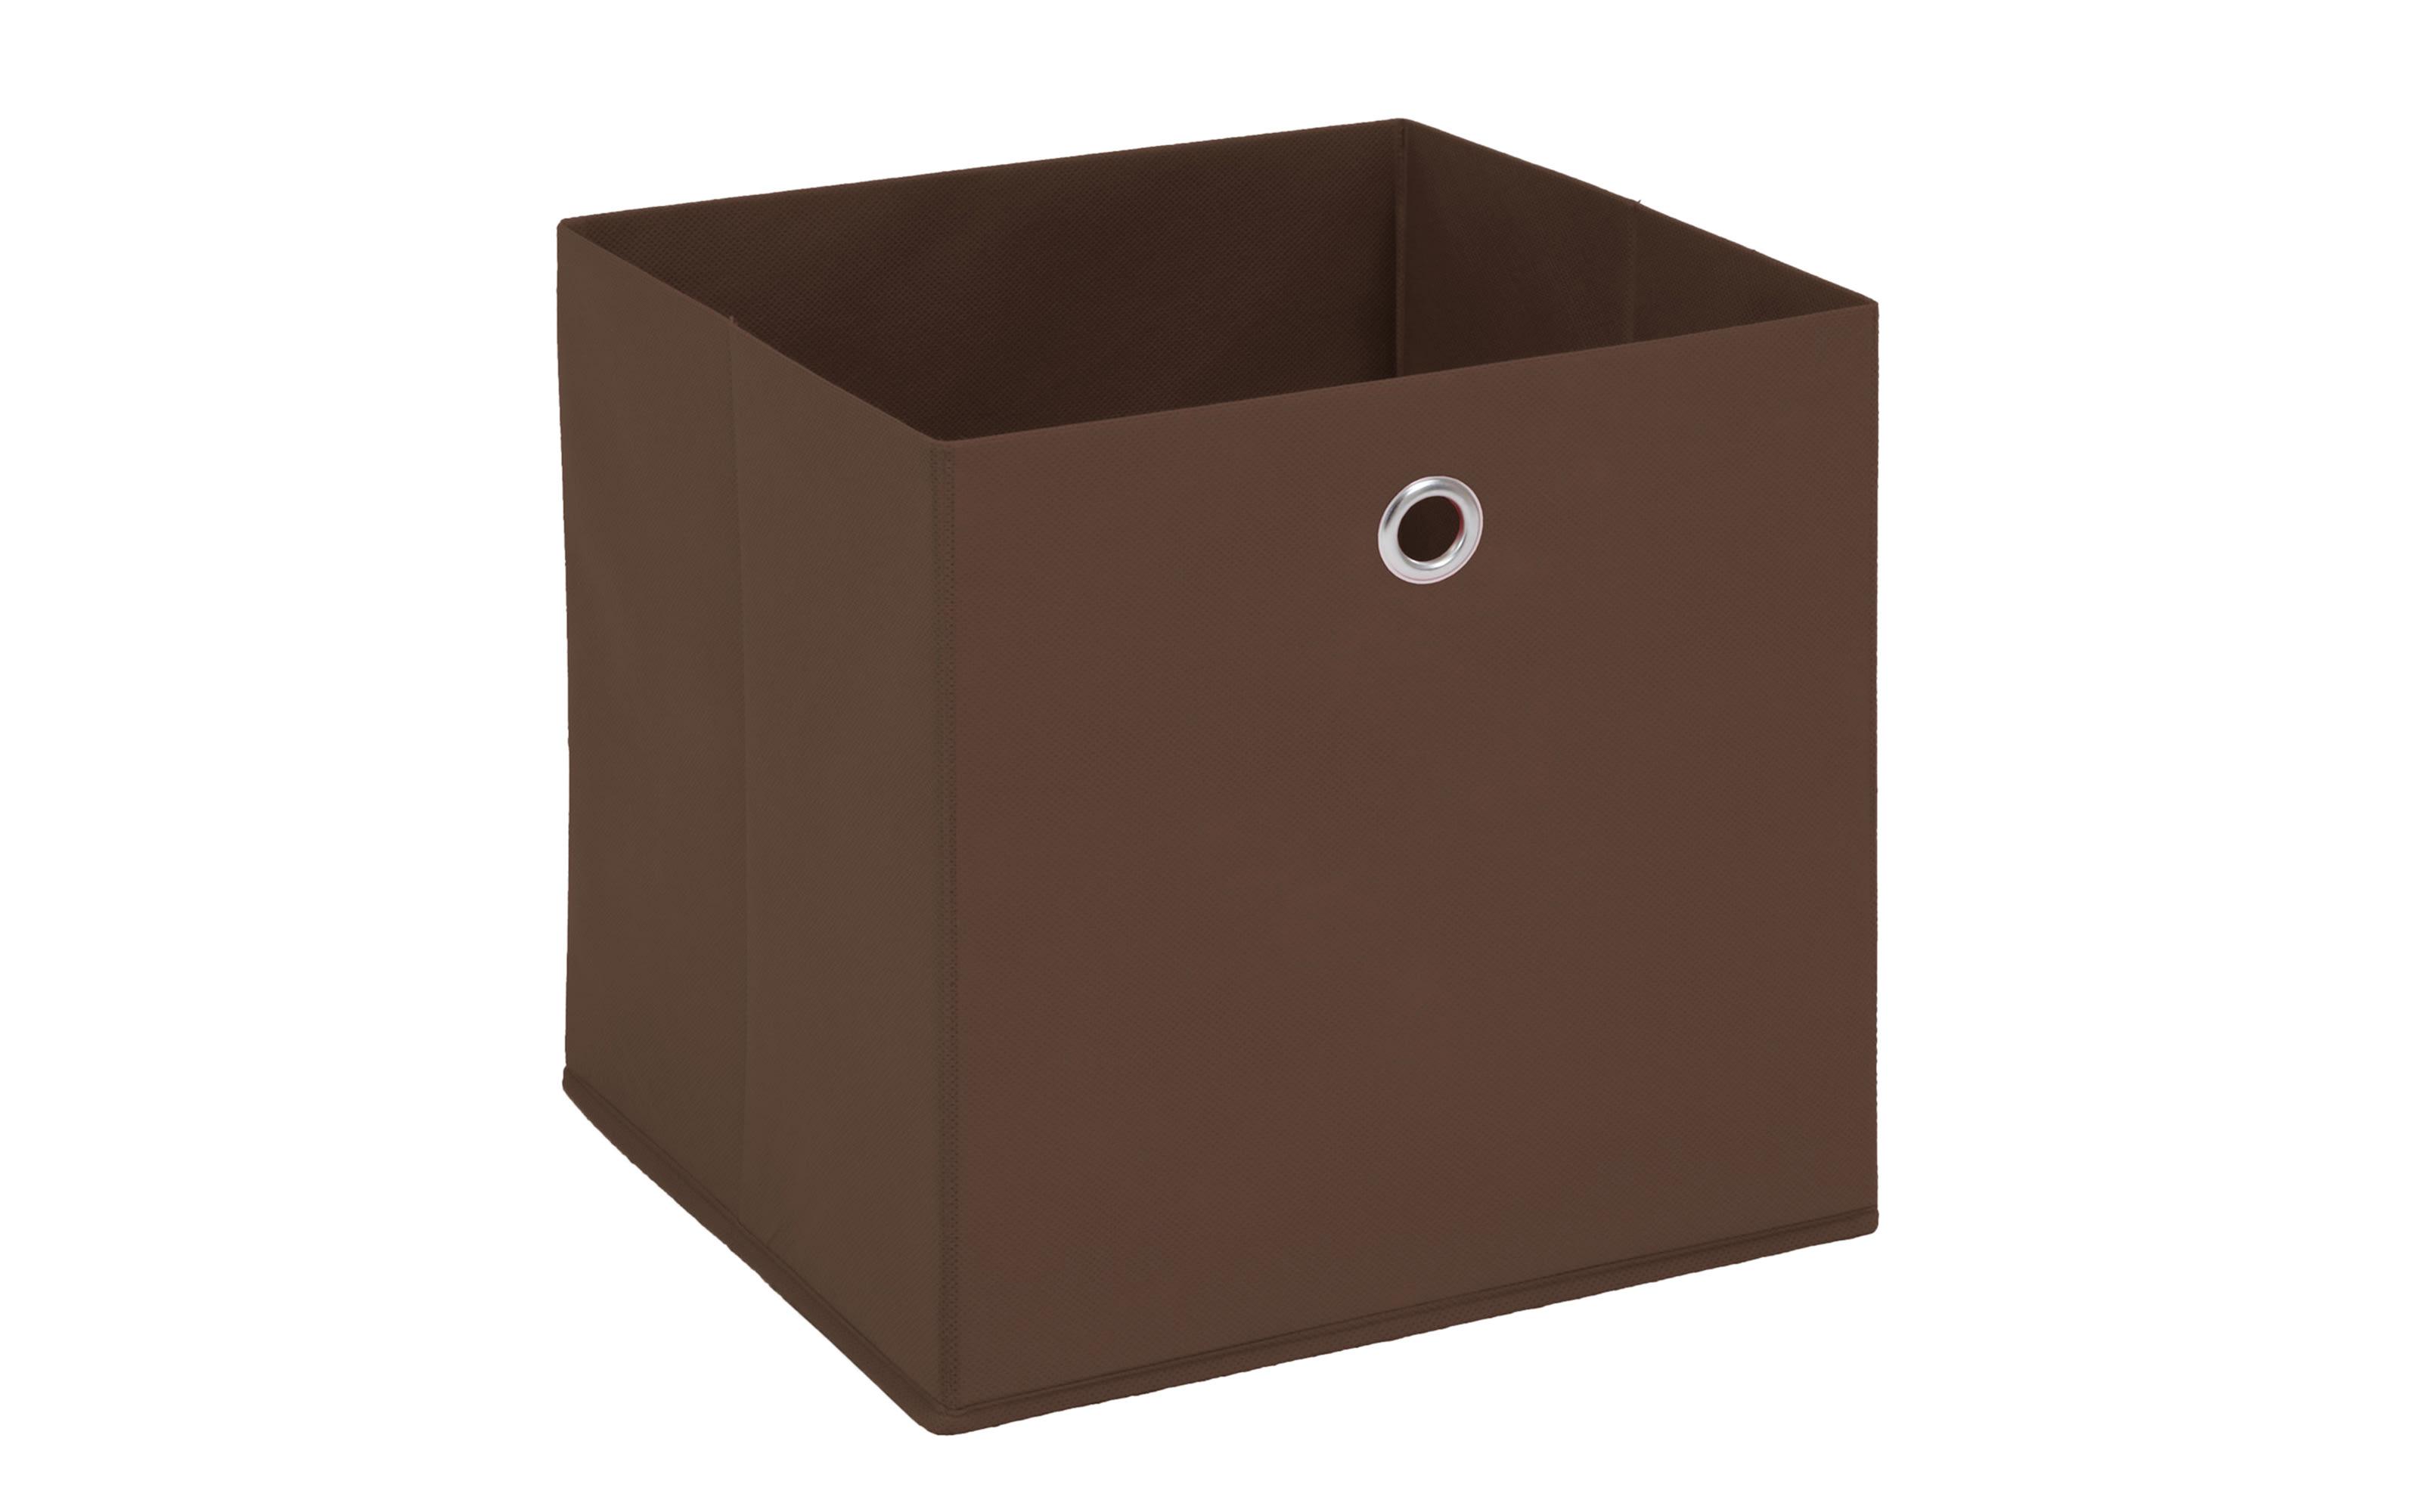 Aufbewahrungsbox in braun, 32 x 32 cm